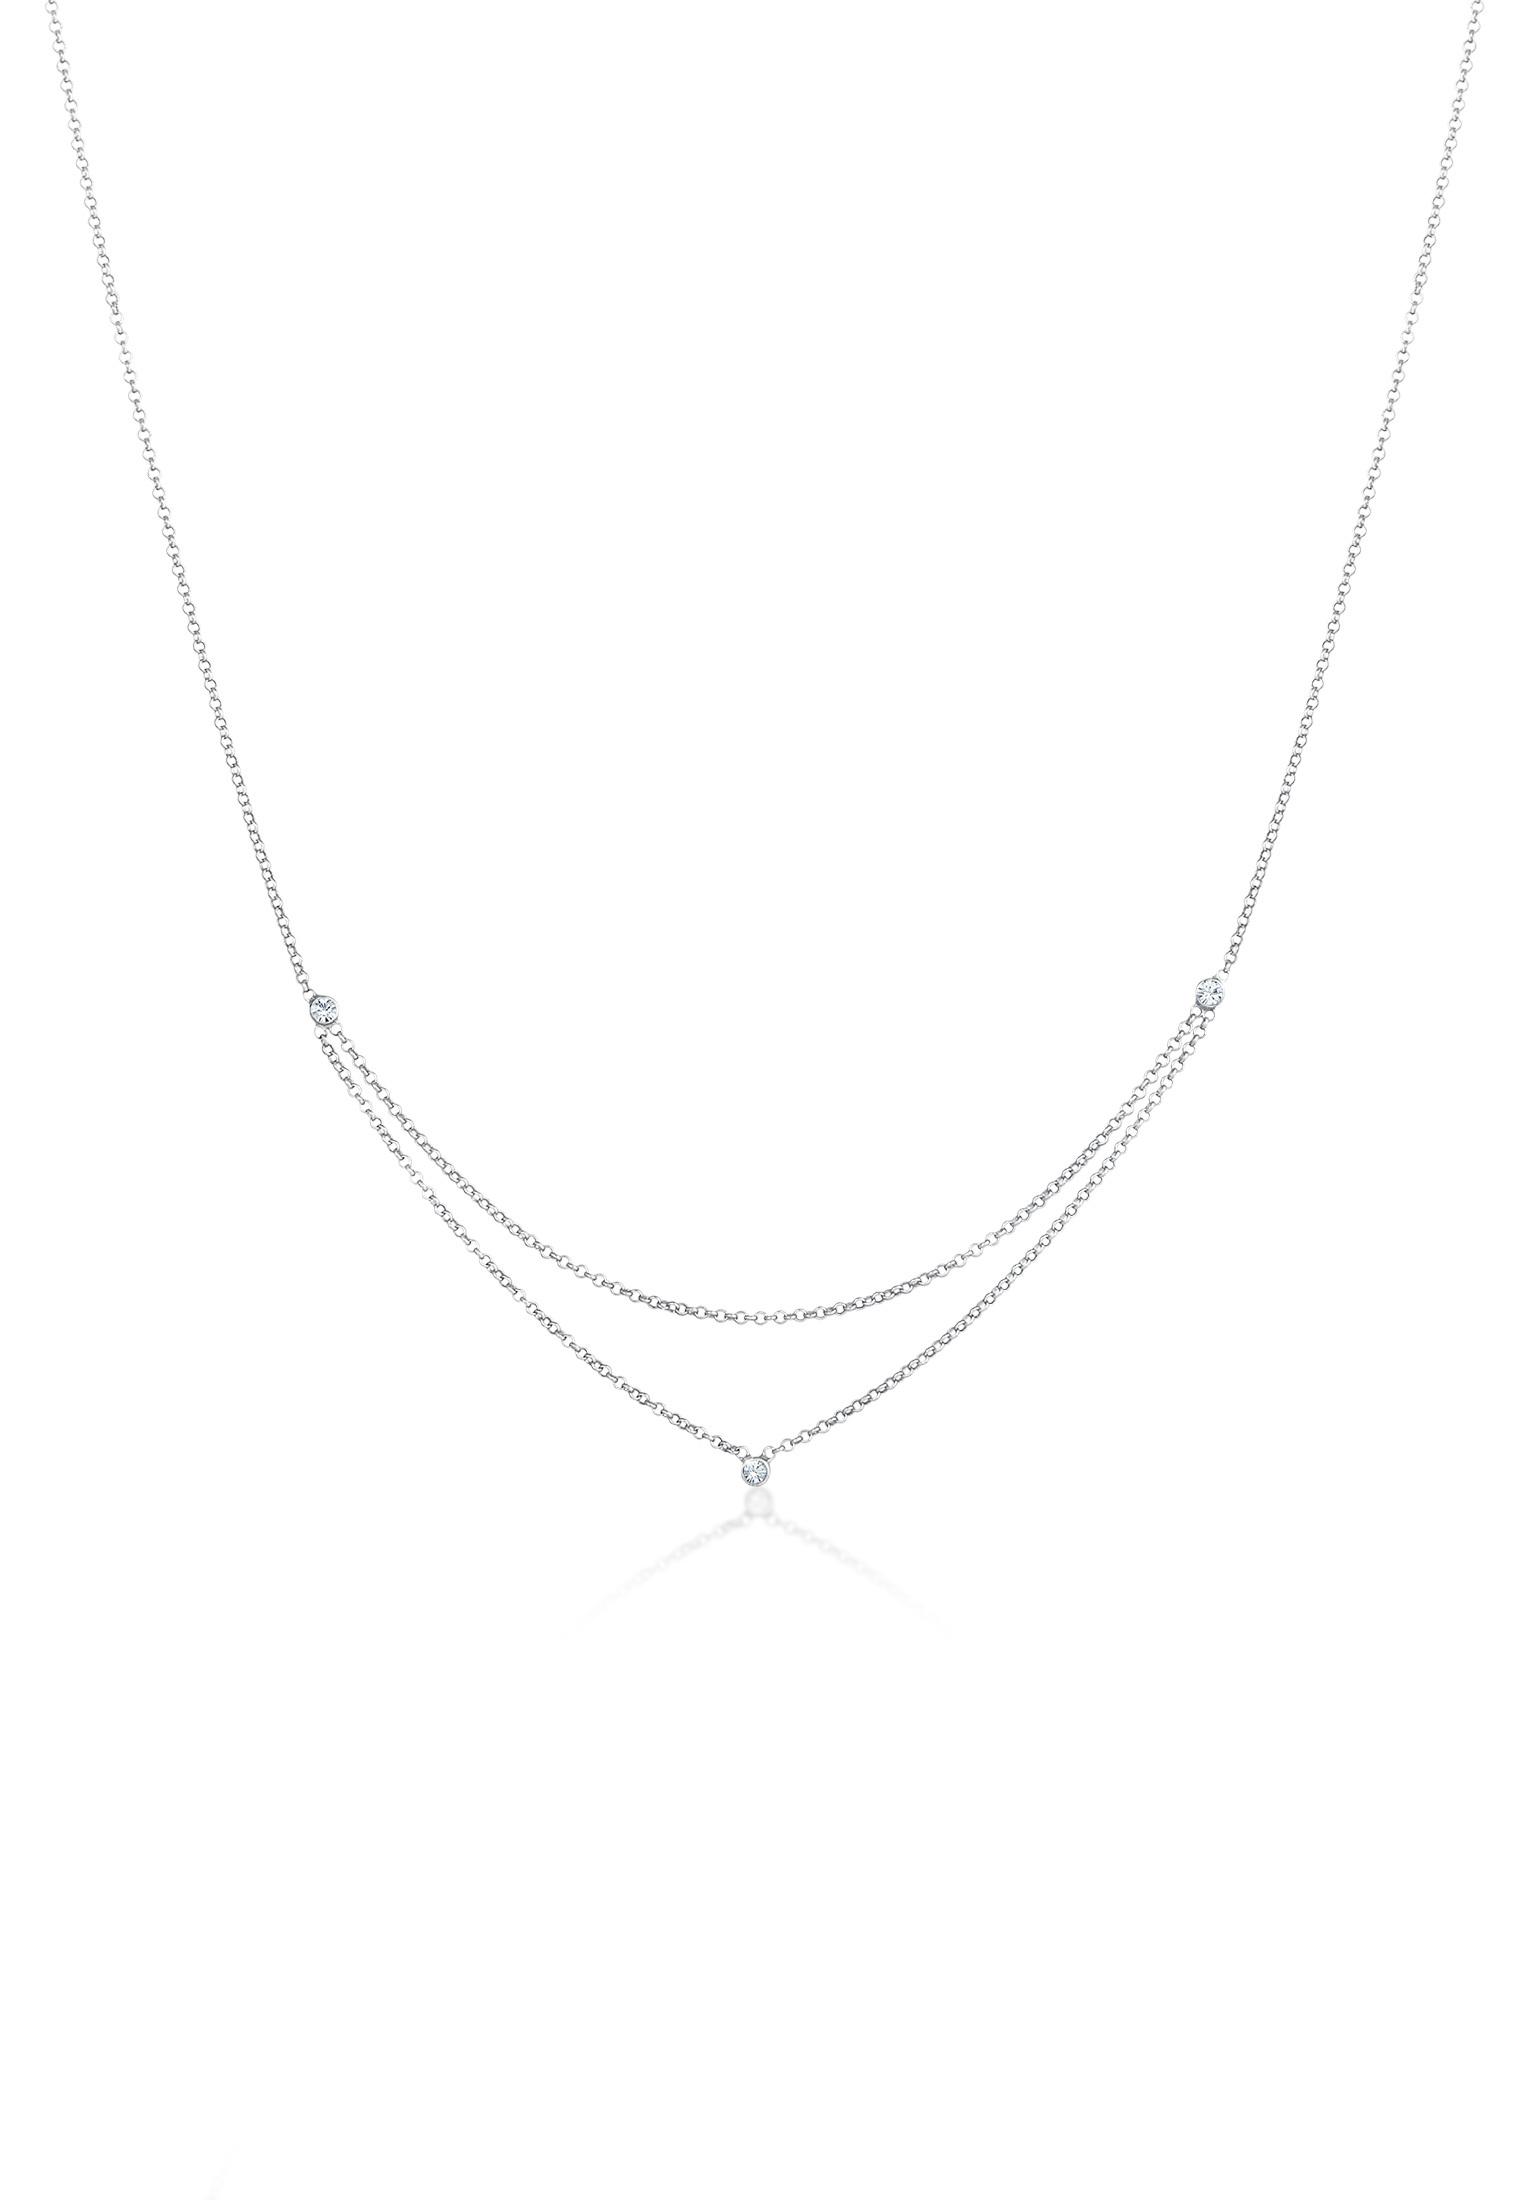 Halskette Layer Look | Kristall ( Weiß ) | 925er Sterling Silber